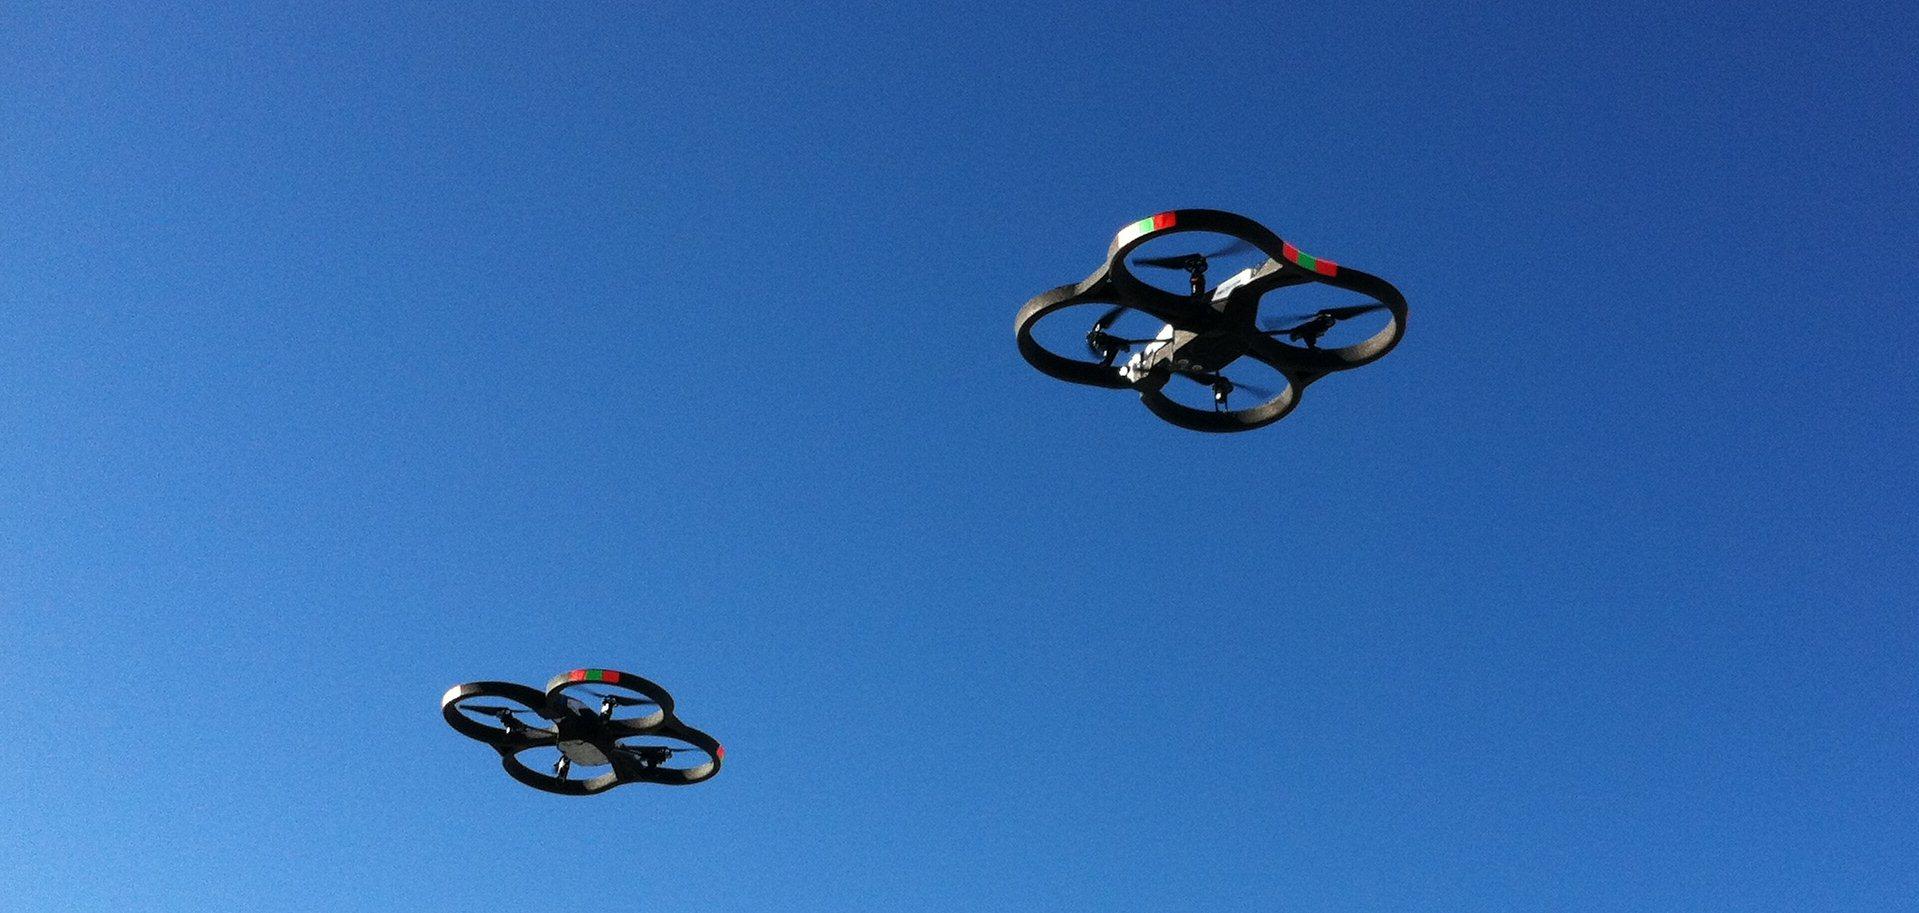 2 Parrot AR Drones